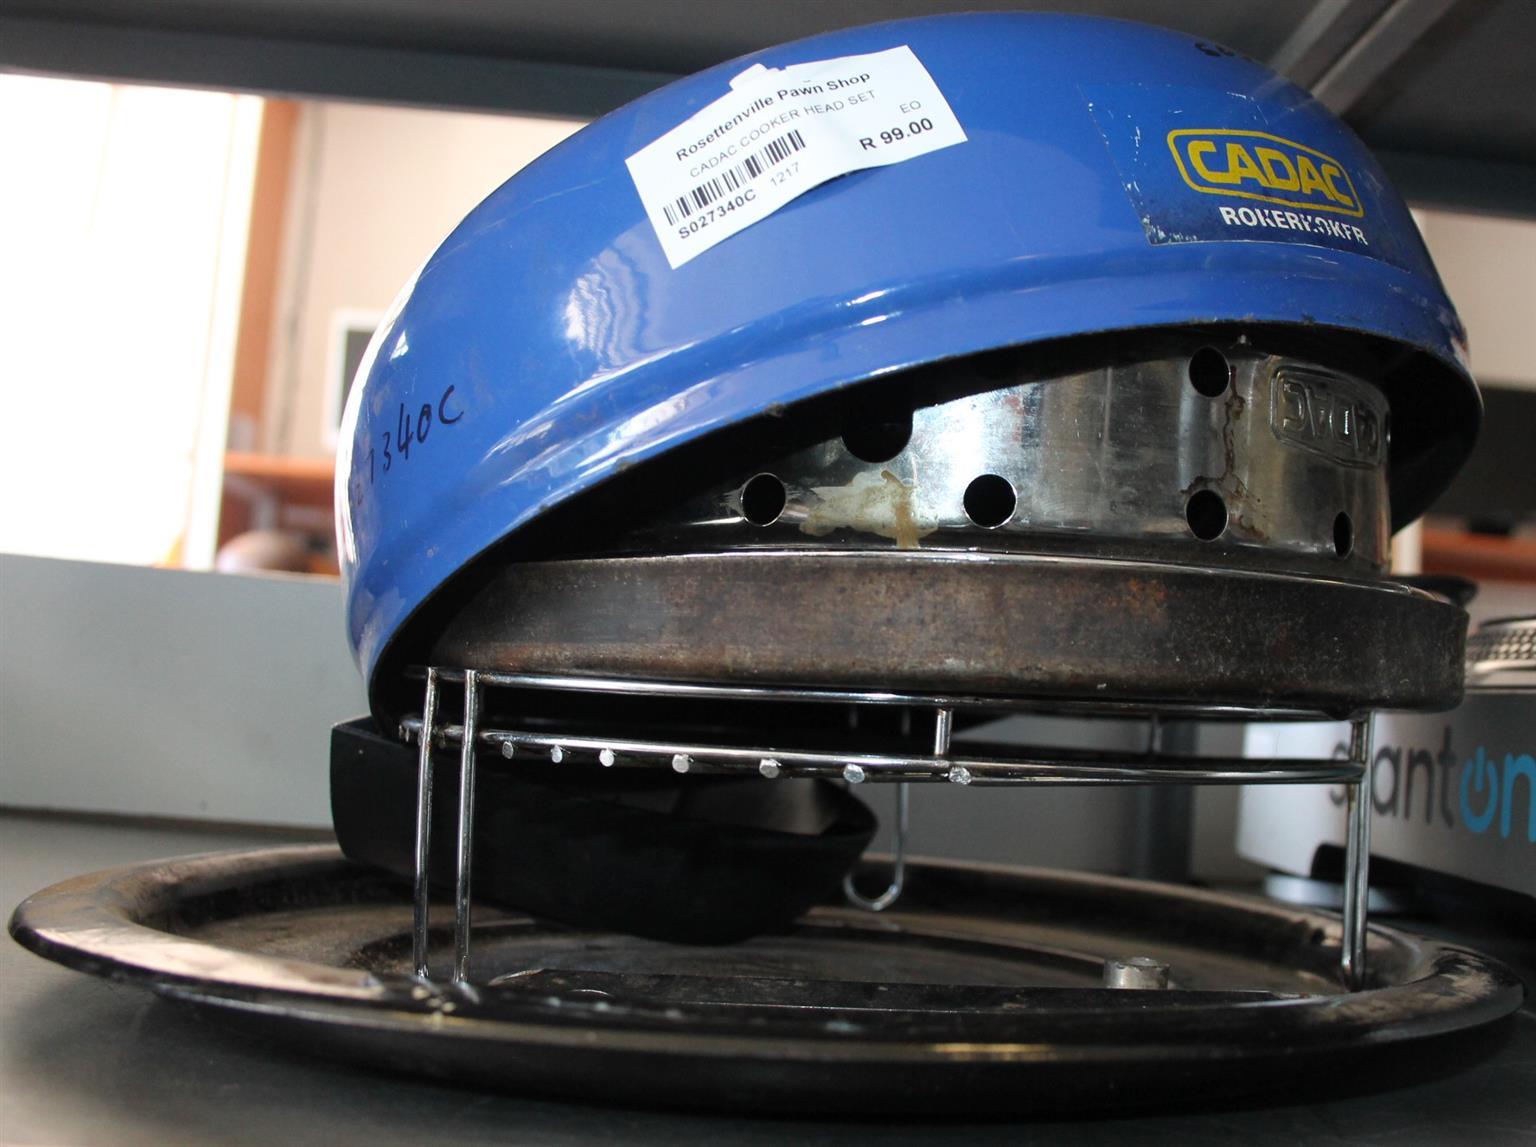 Cadac cooker S027340c #Rosettenvillepawnshop